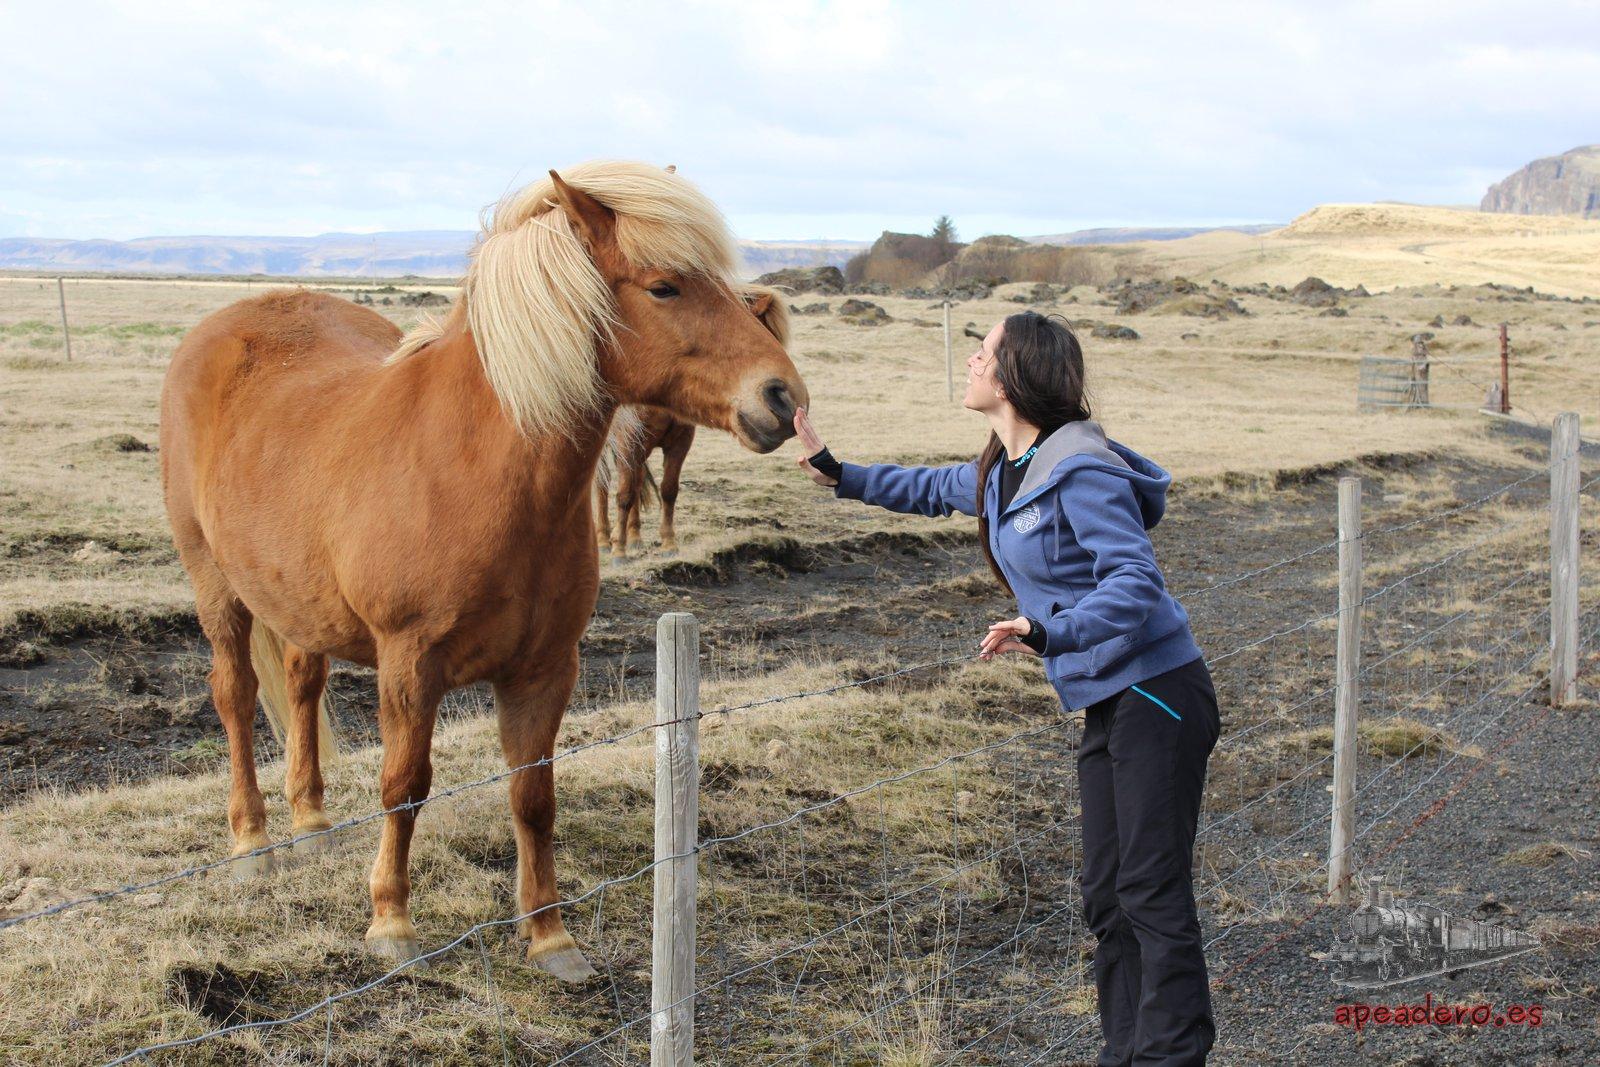 Los caballos islandeses son dóciles y amigables, pero eso sí, cualquier ruido les asusta.